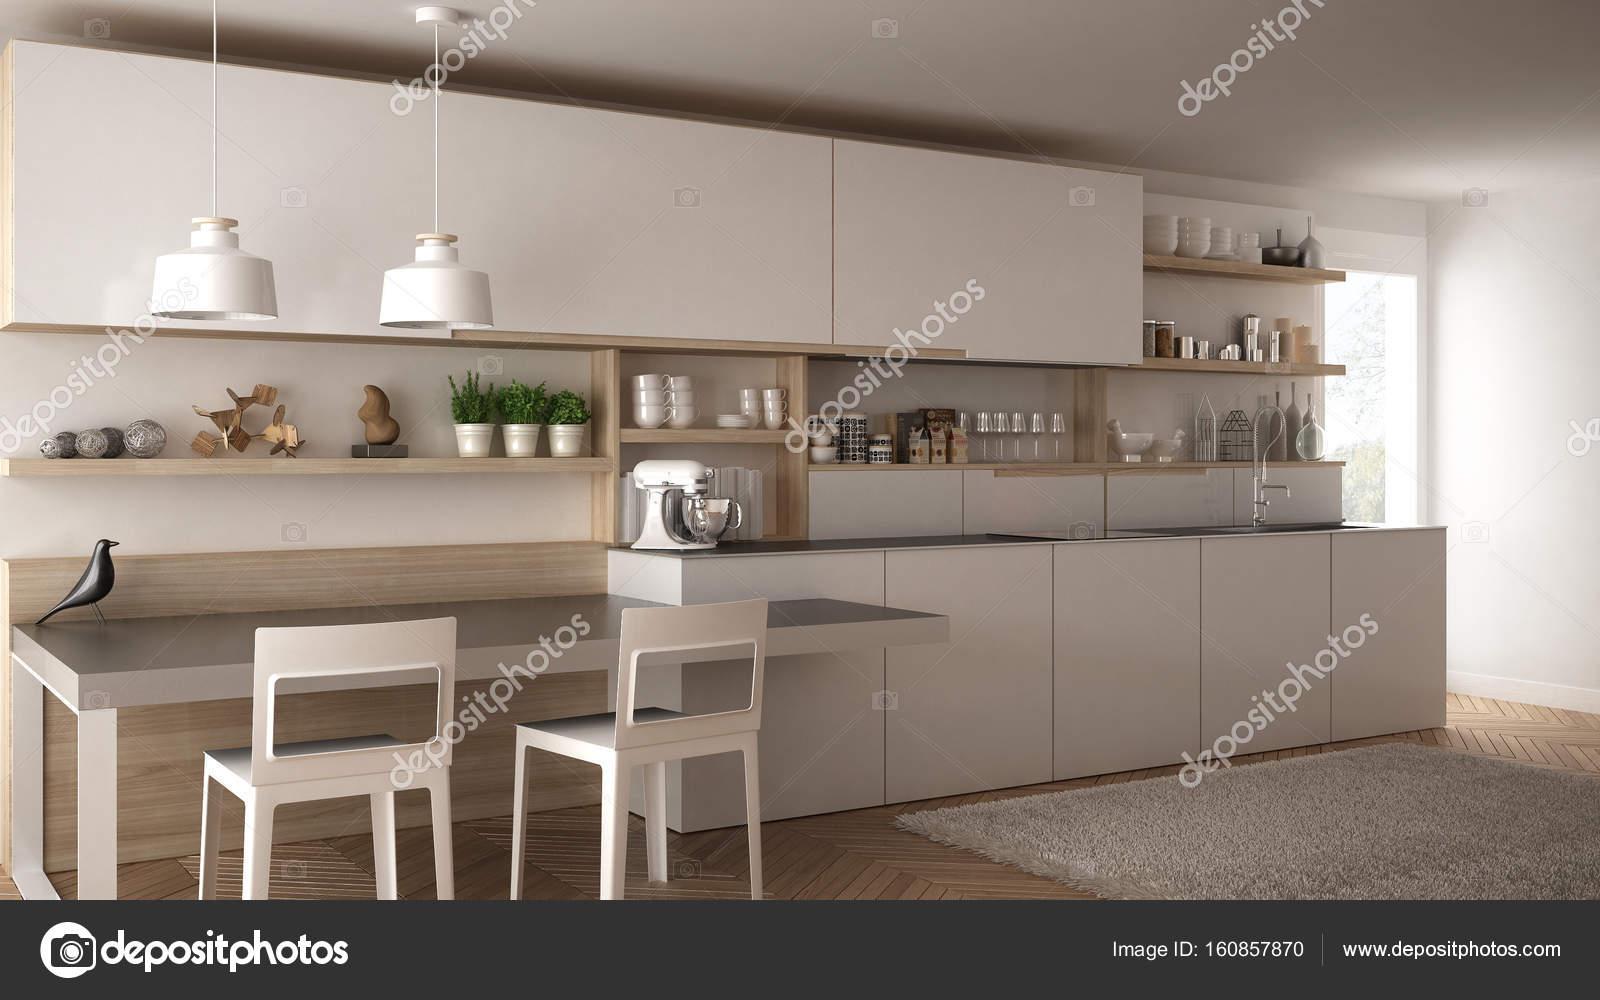 Minimalistische moderne keuken met houten details tafel en stoelen